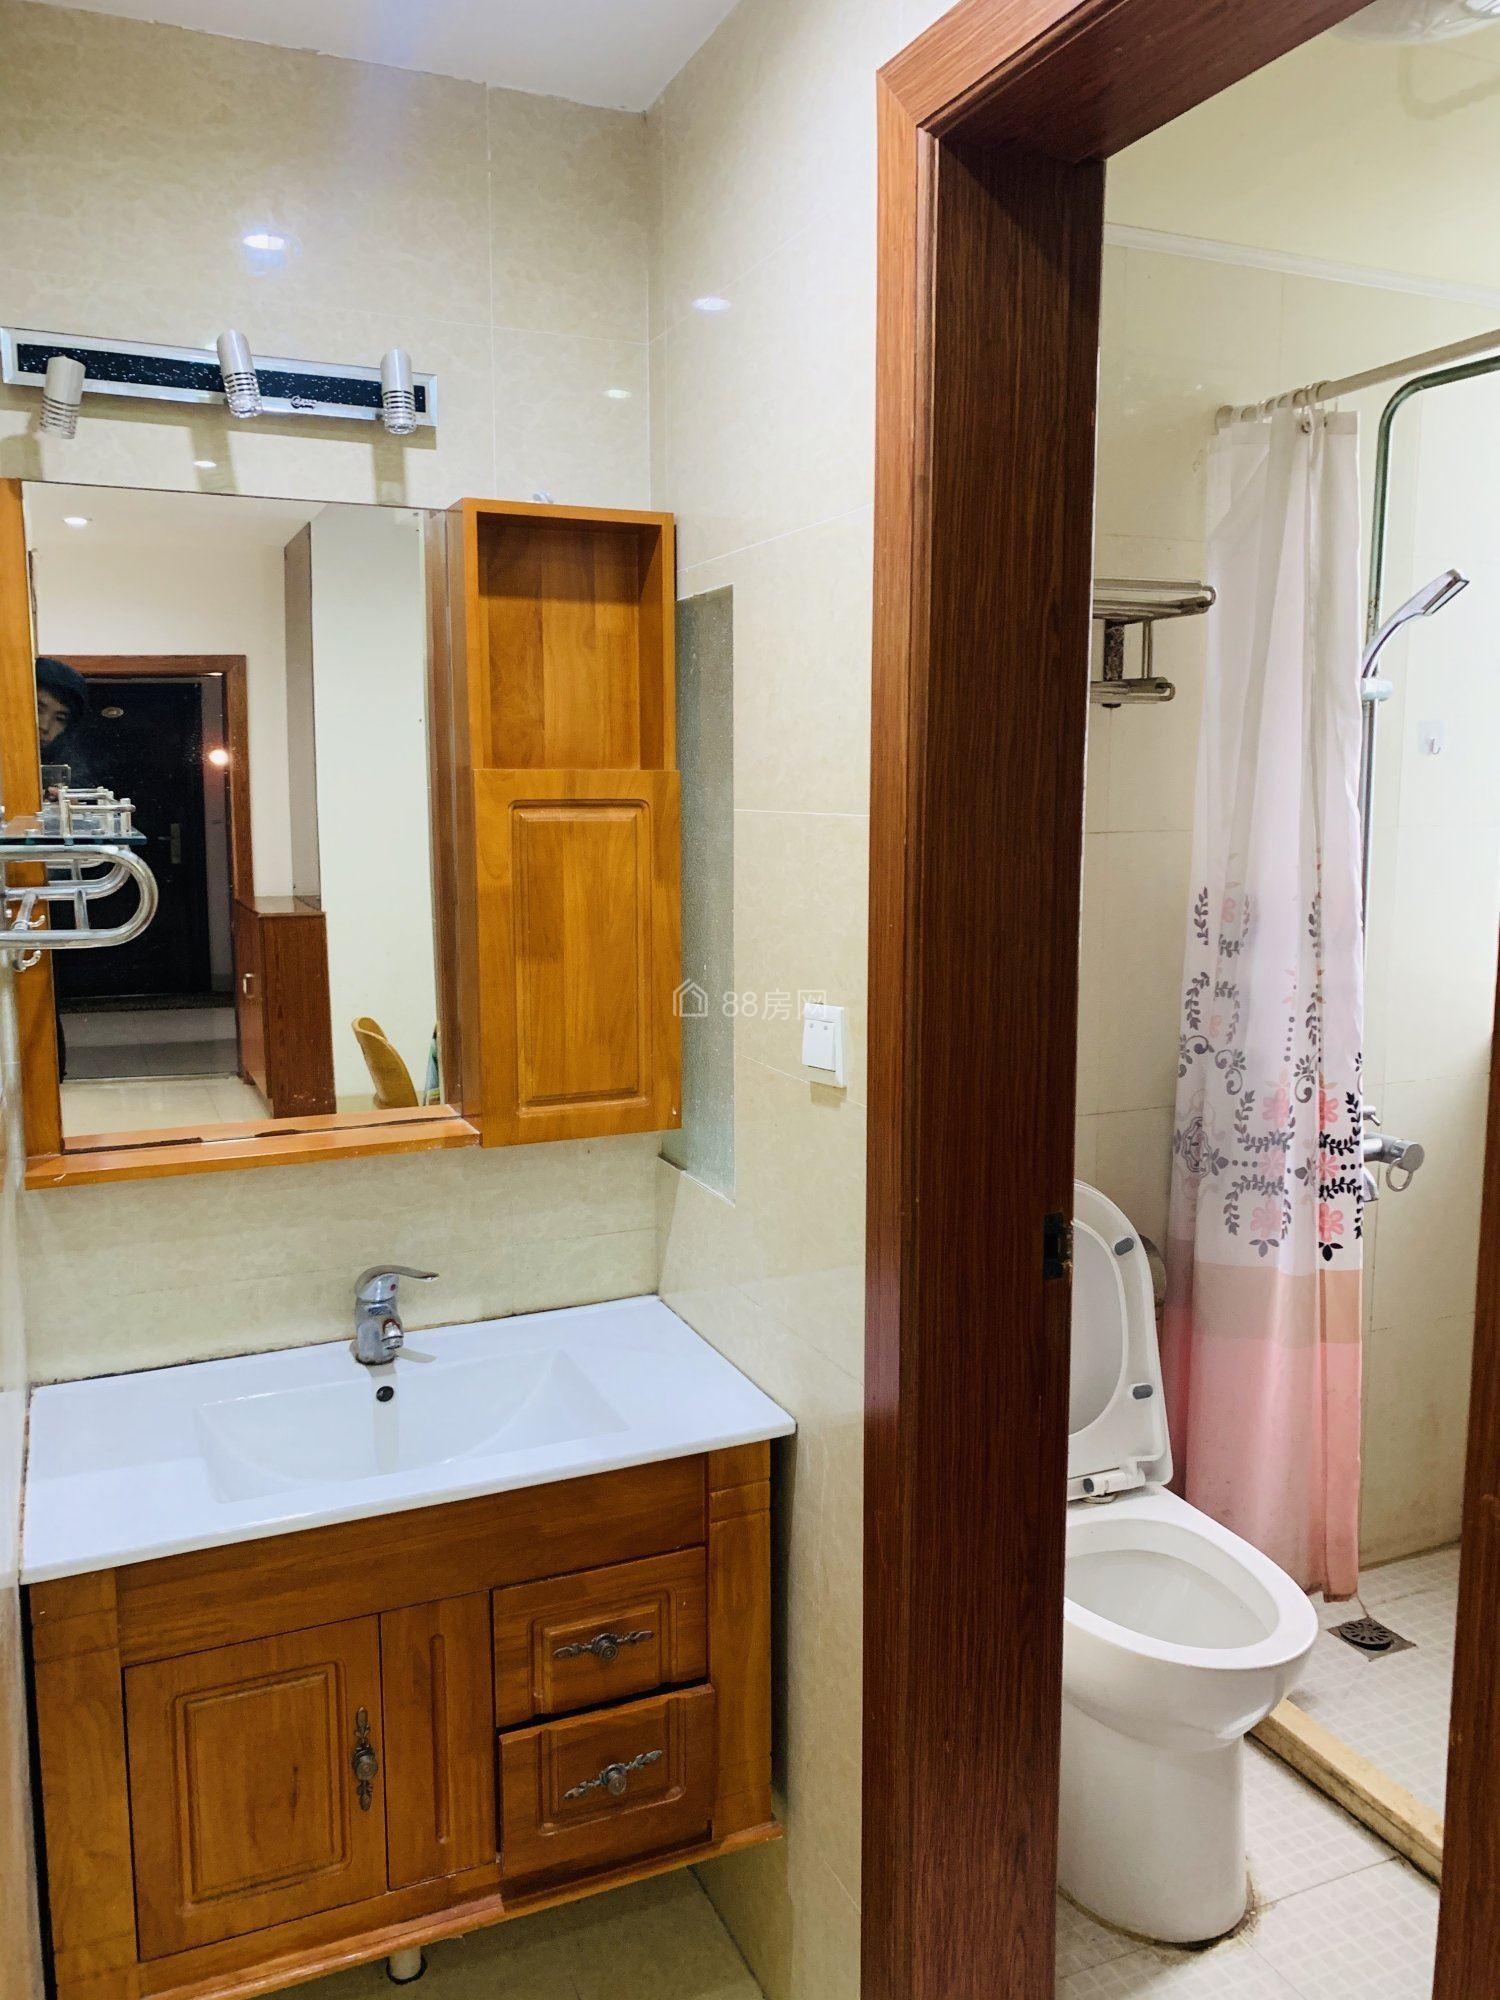 昆城对面小区 真实照片真实价格 精装两房 随时看房 多种挑选